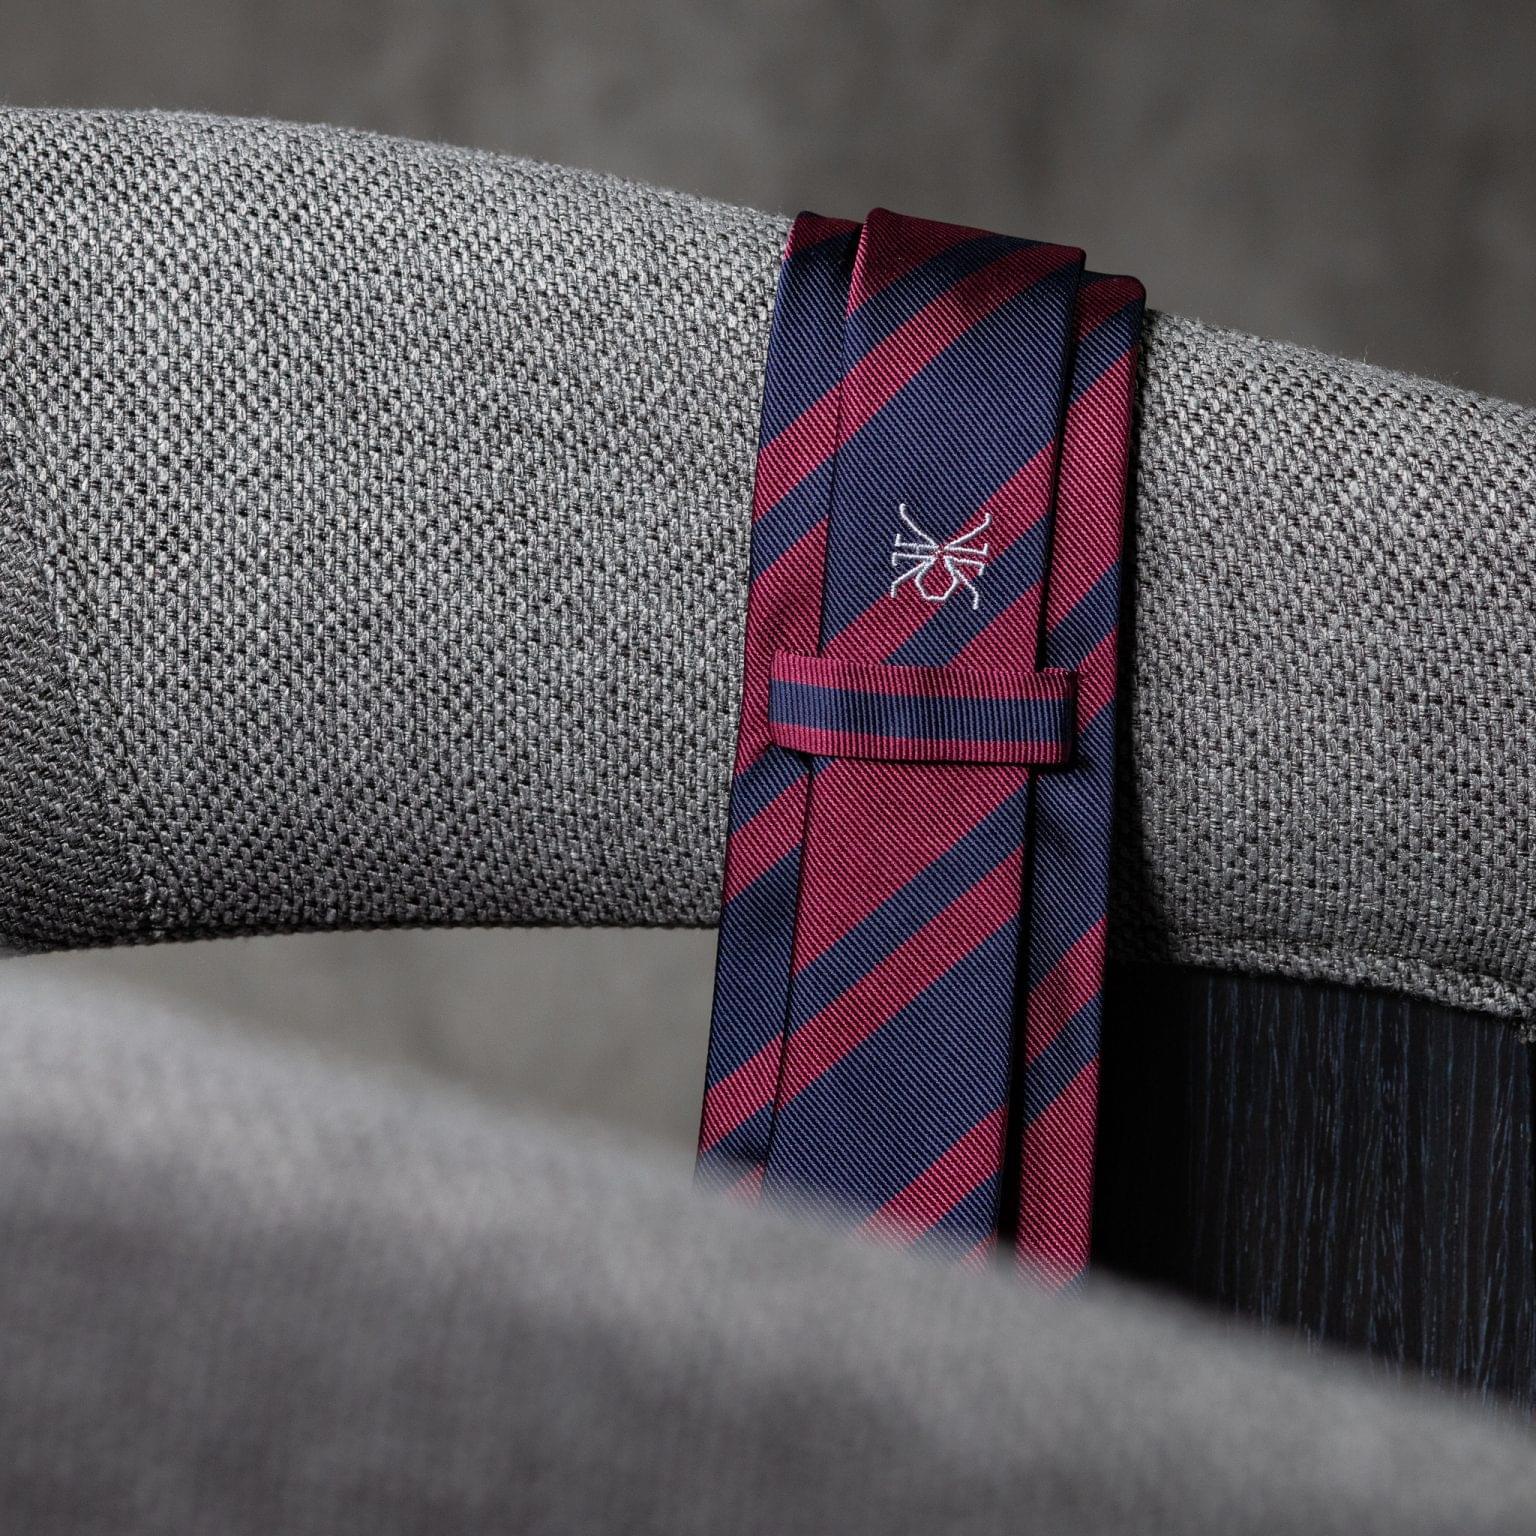 JACQUARD-0387-Tie-Initials-Corbata-Iniciales-The-Seelk-4